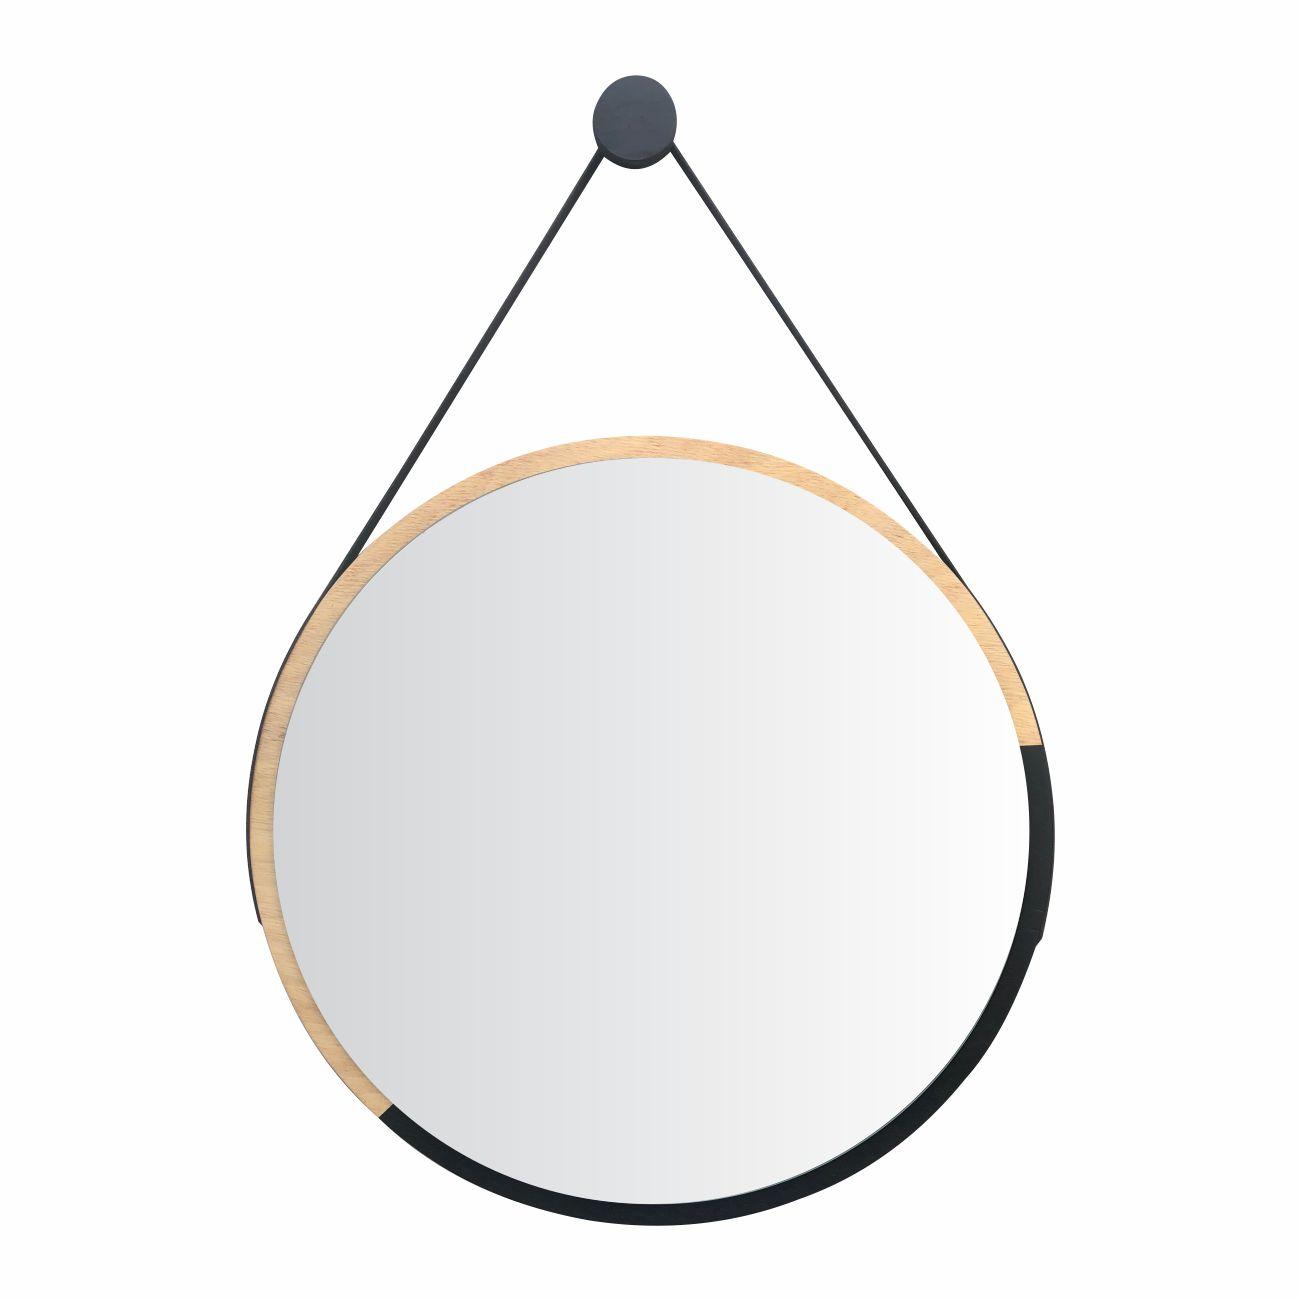 Espelho Redondo Minimalista Duo Preto com Alça + Pendurador 50cm